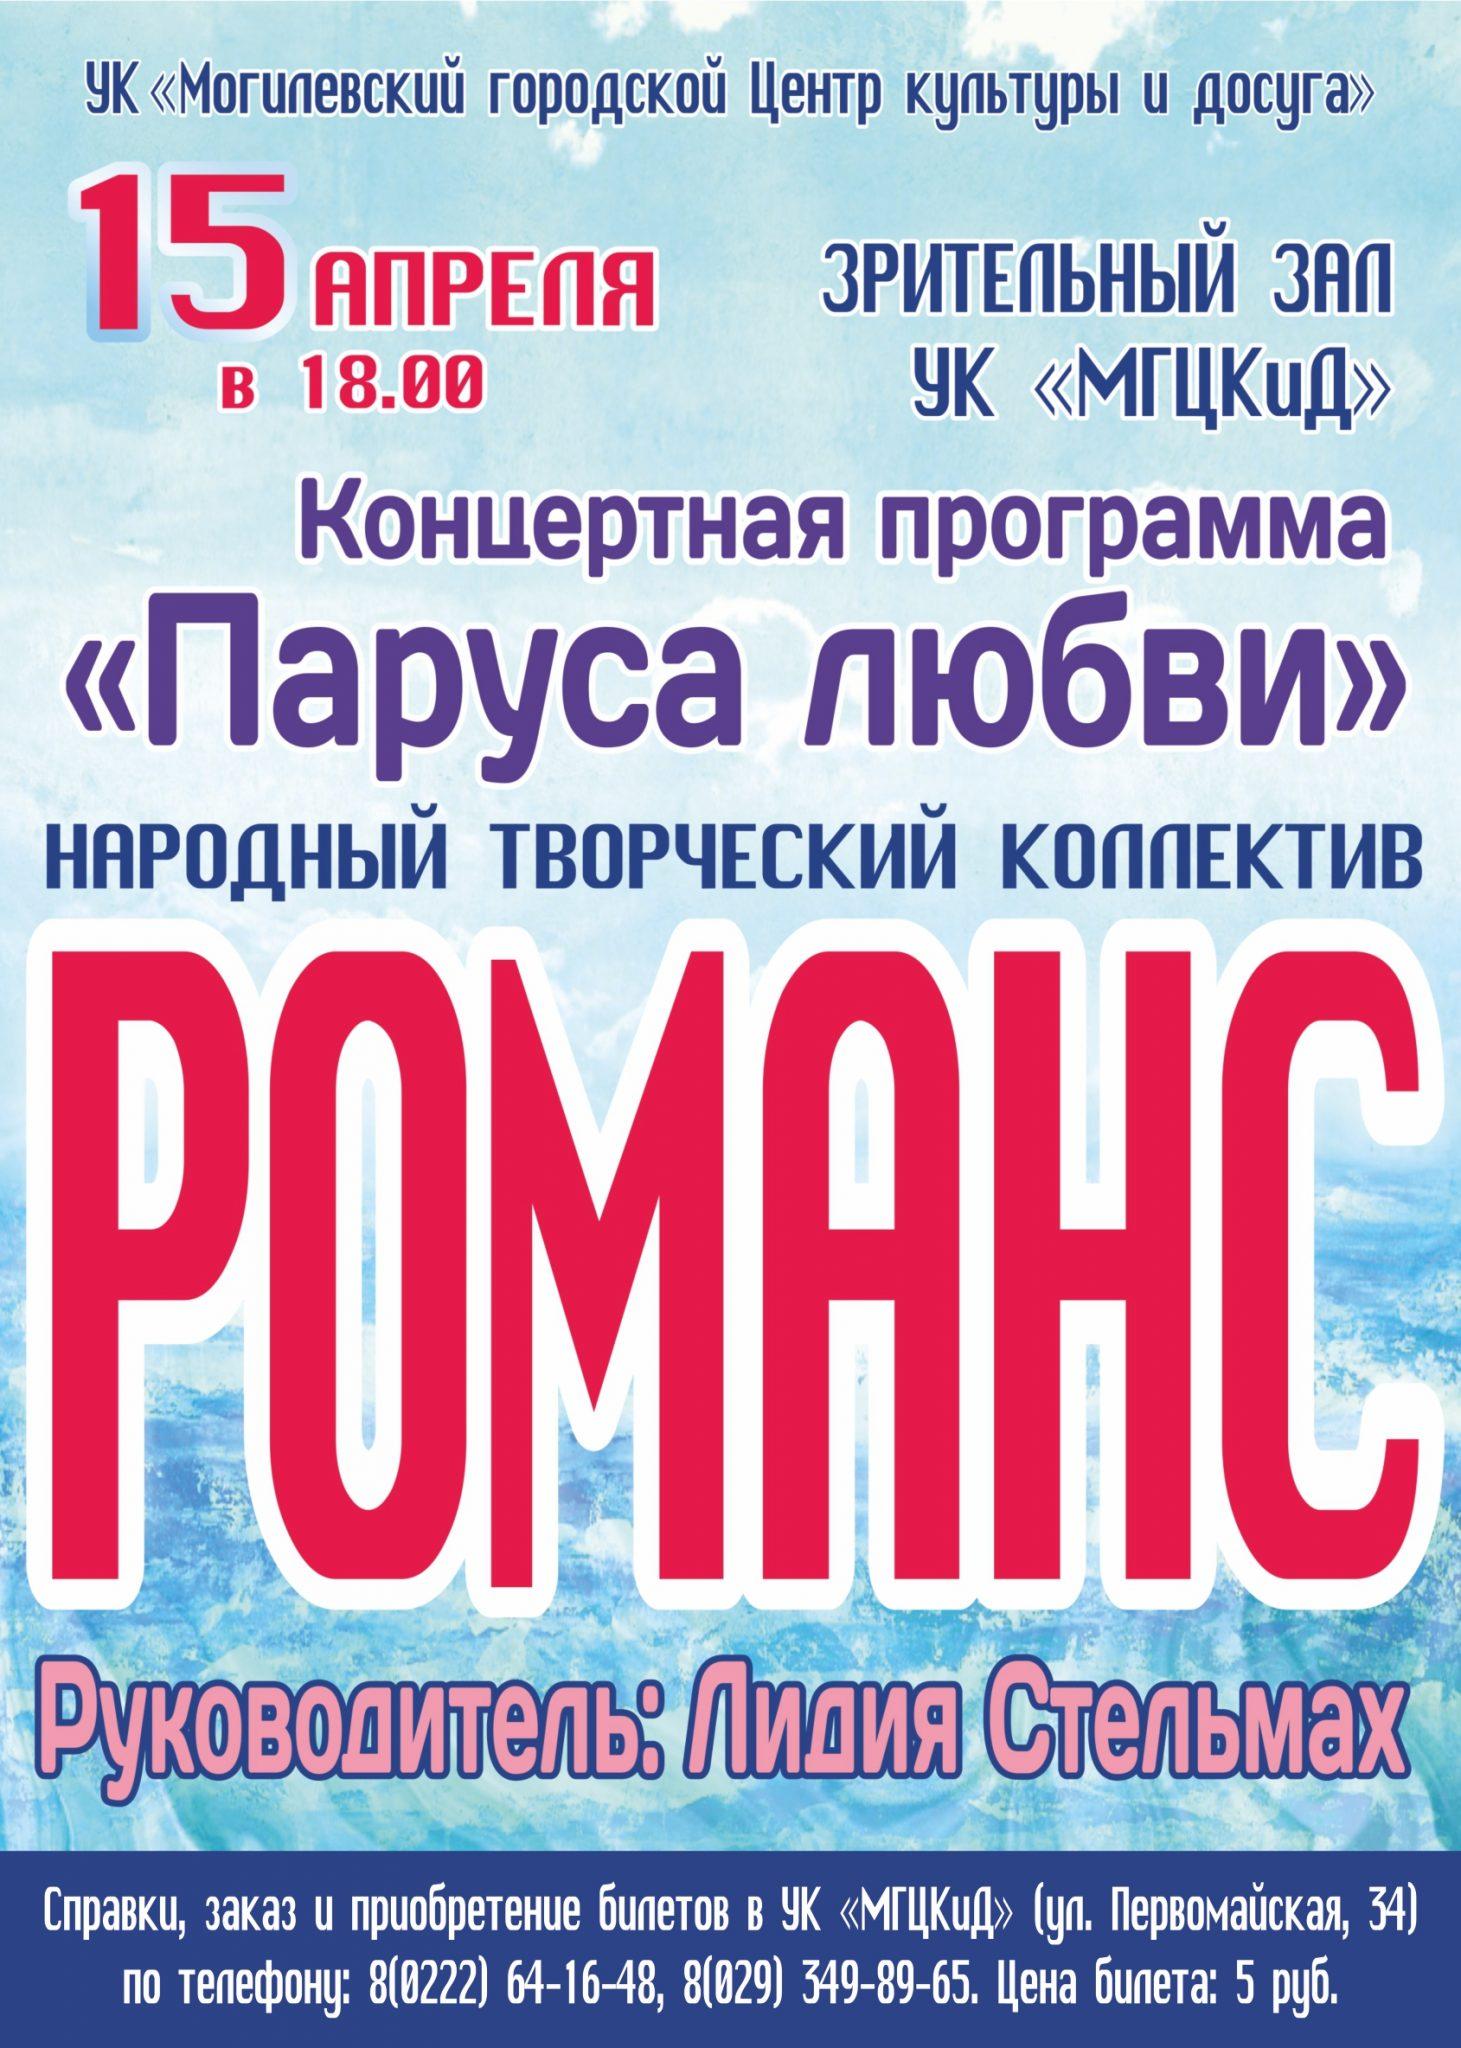 Концертная программа «Паруса любви» состоится вМогилеве 15апреля